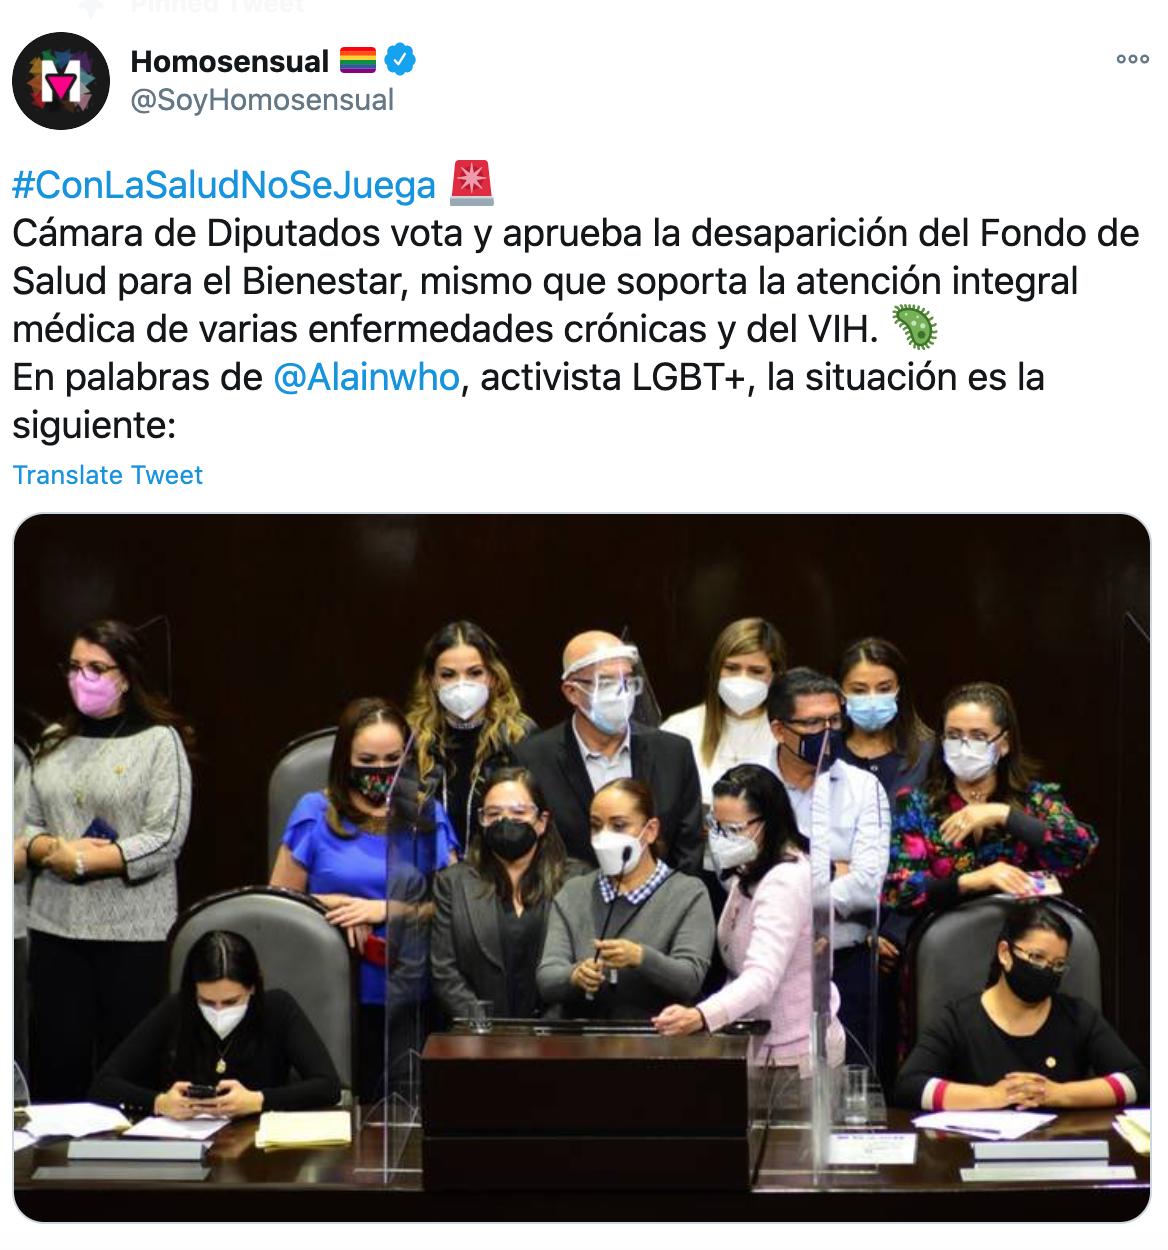 Diputados aprueban desaparecer Fondo de Salud para el Bienestar